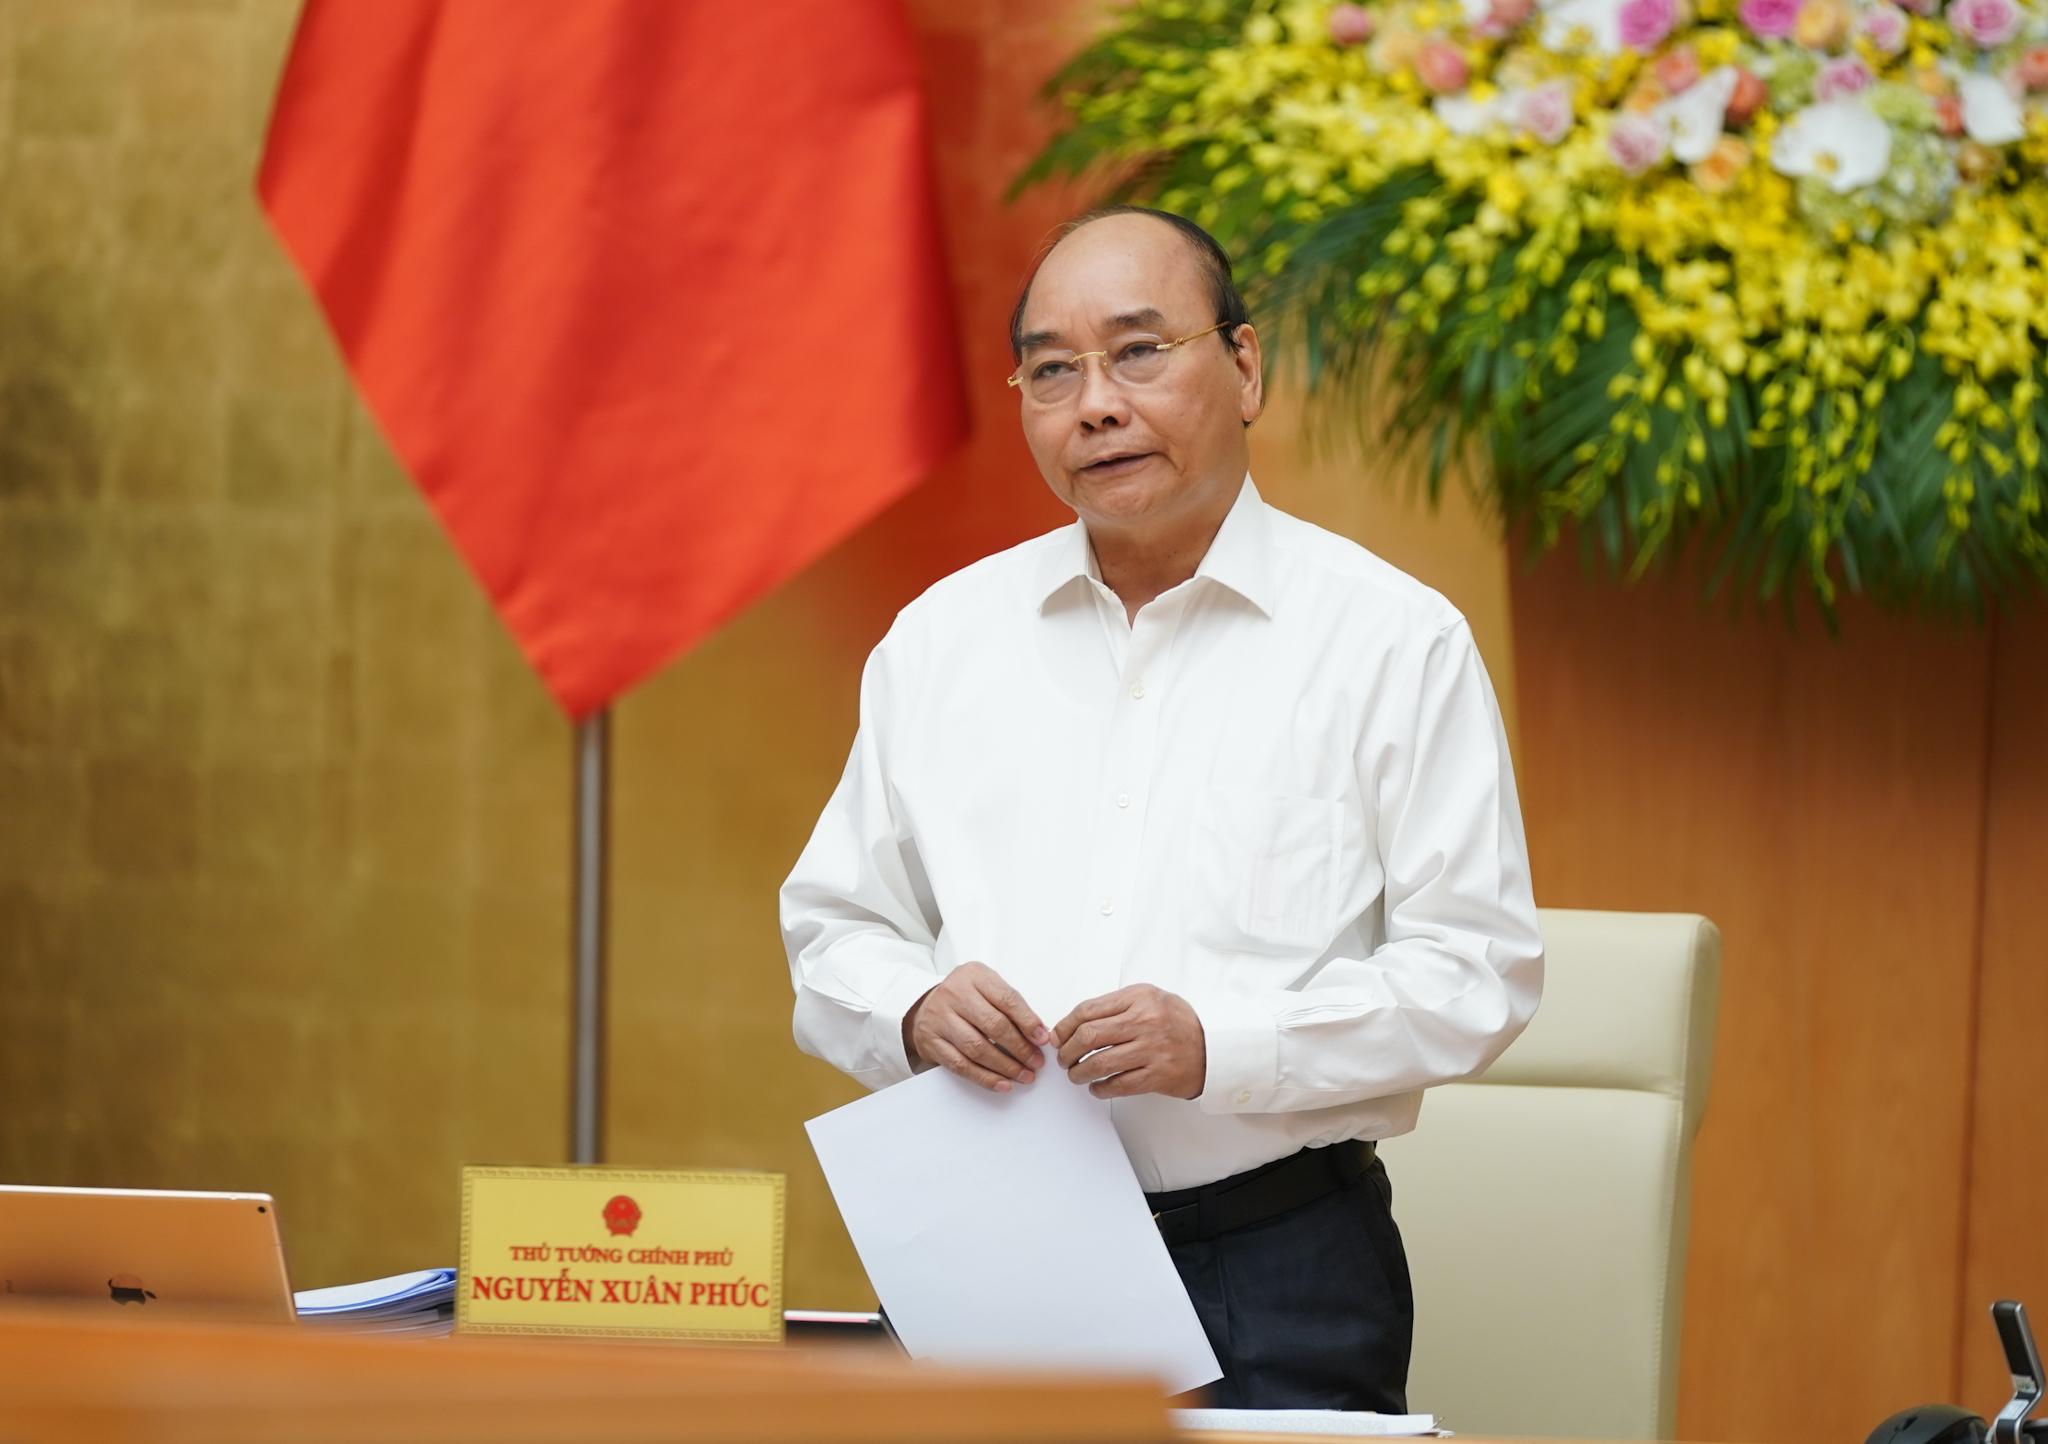 Thủ tướng làm Chủ tịch Uỷ ban quốc gia về Chính phủ điện tử